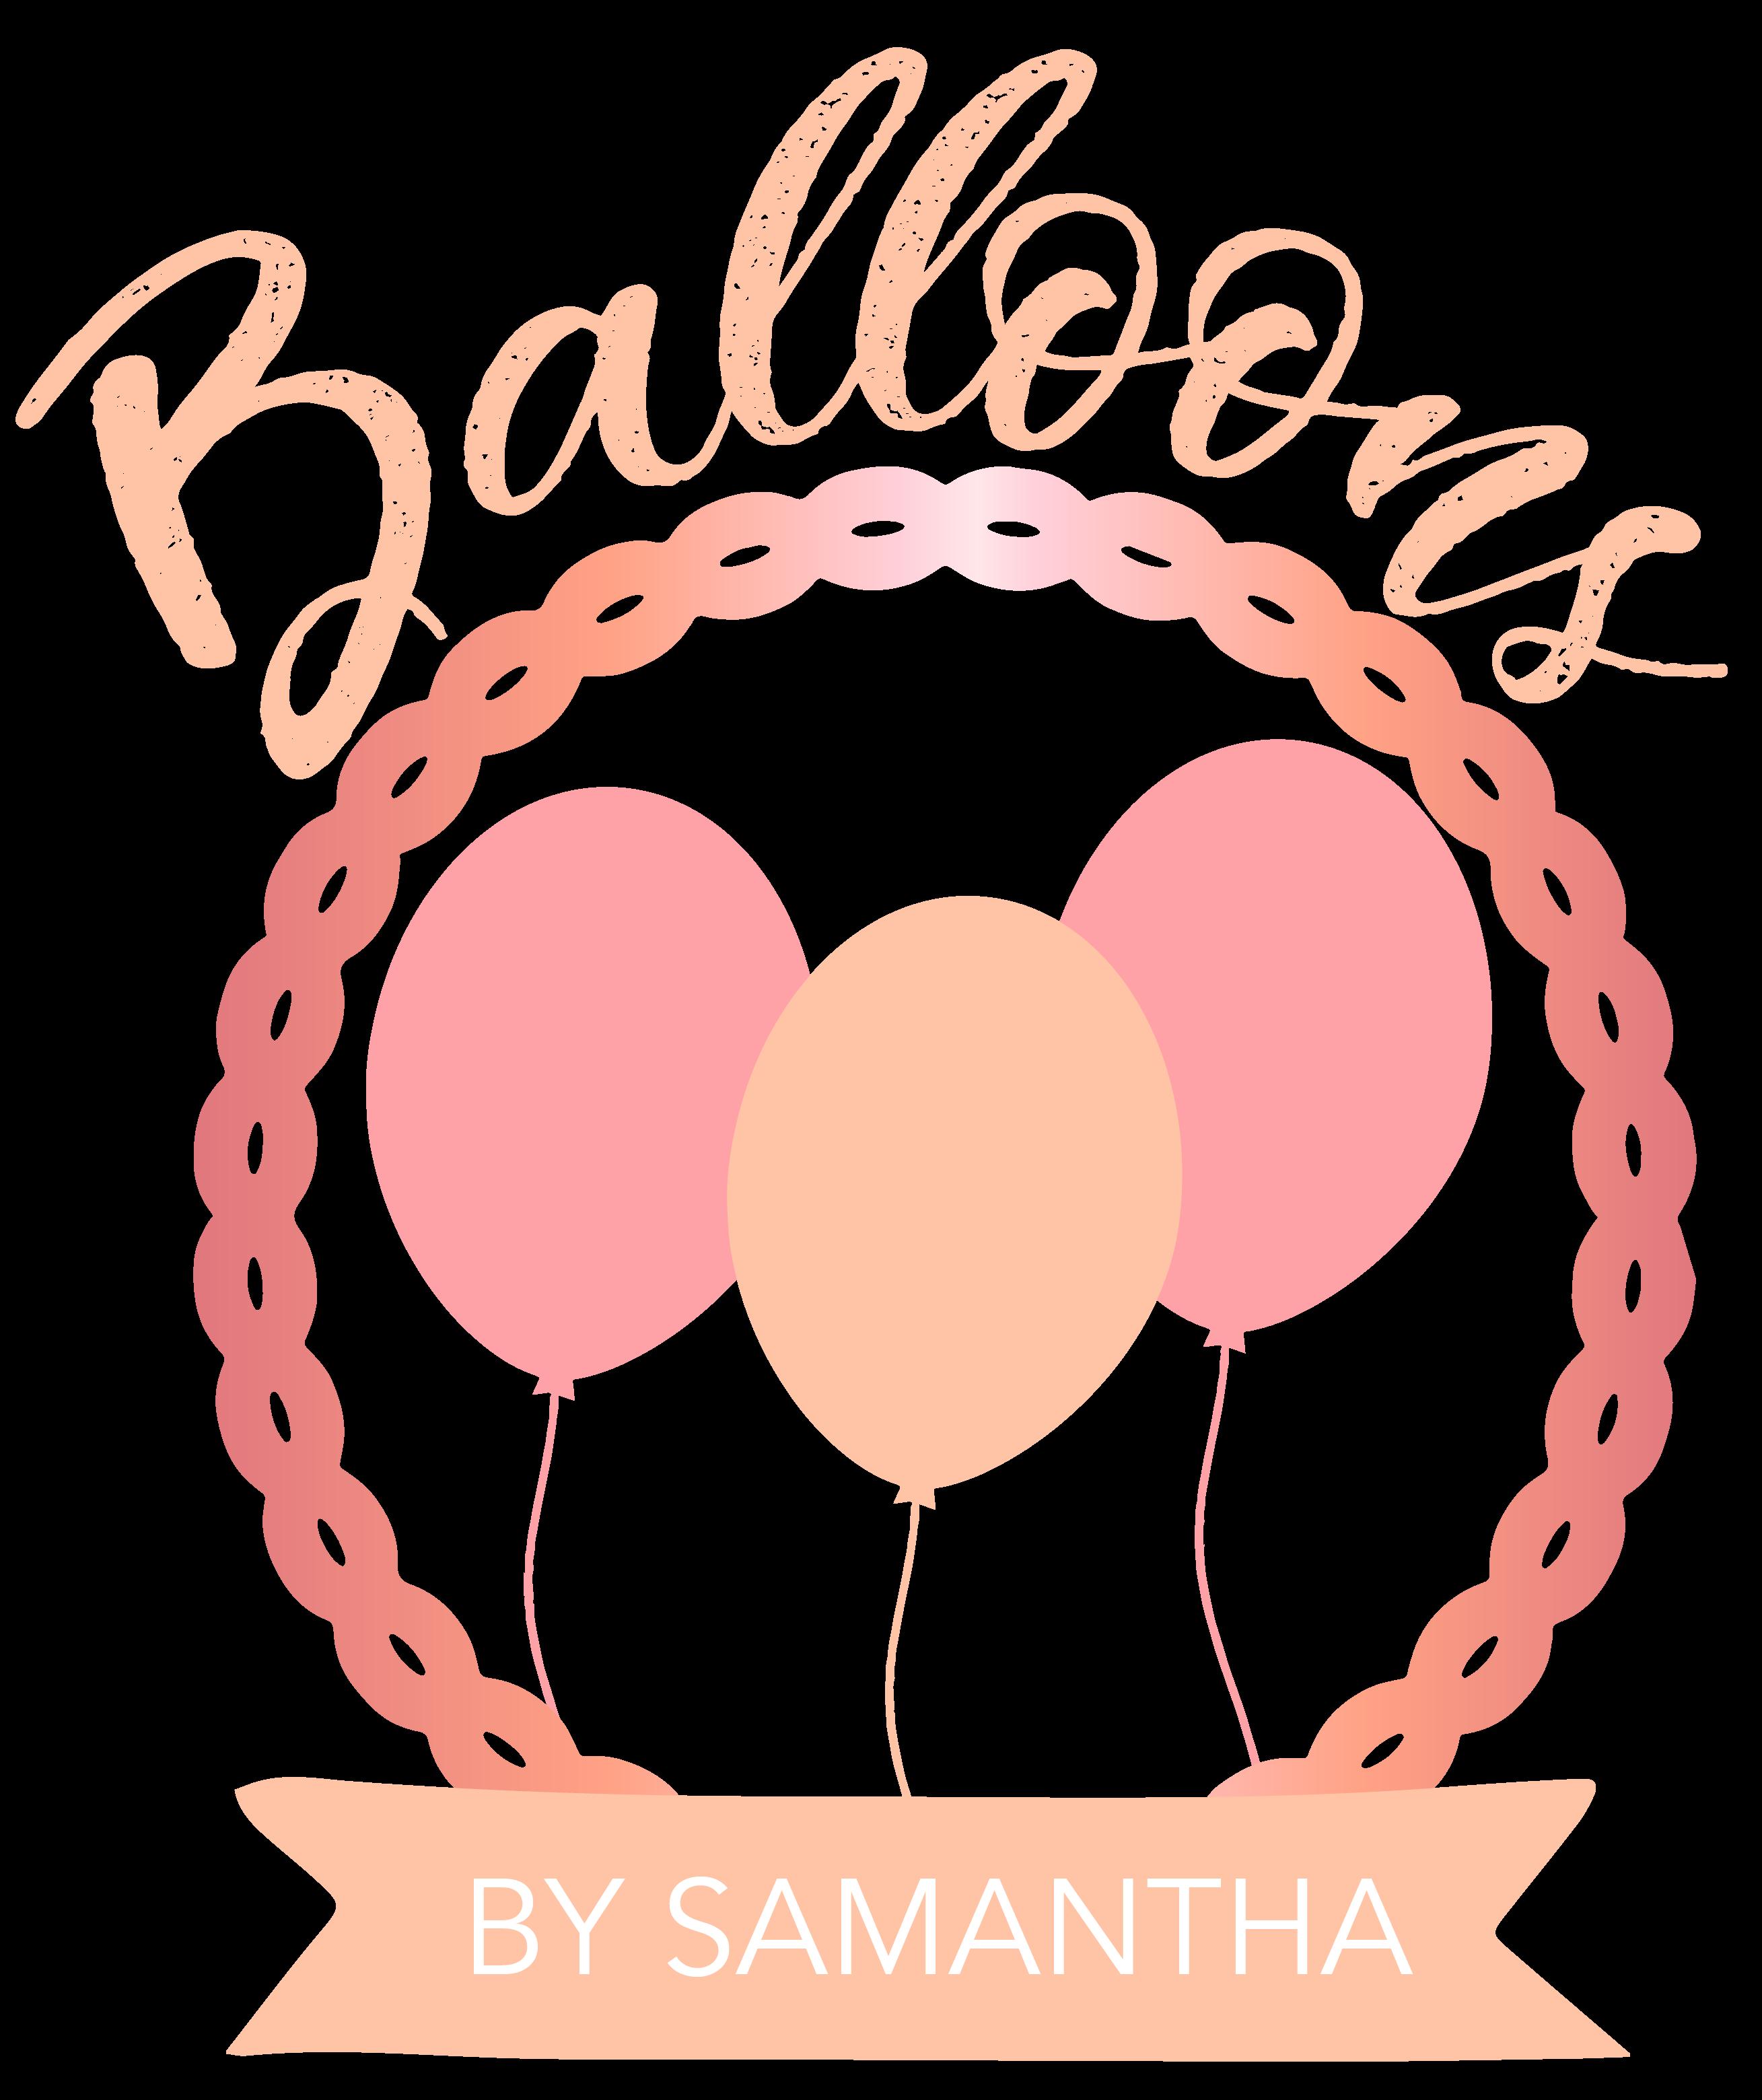 Balloons By Samantha